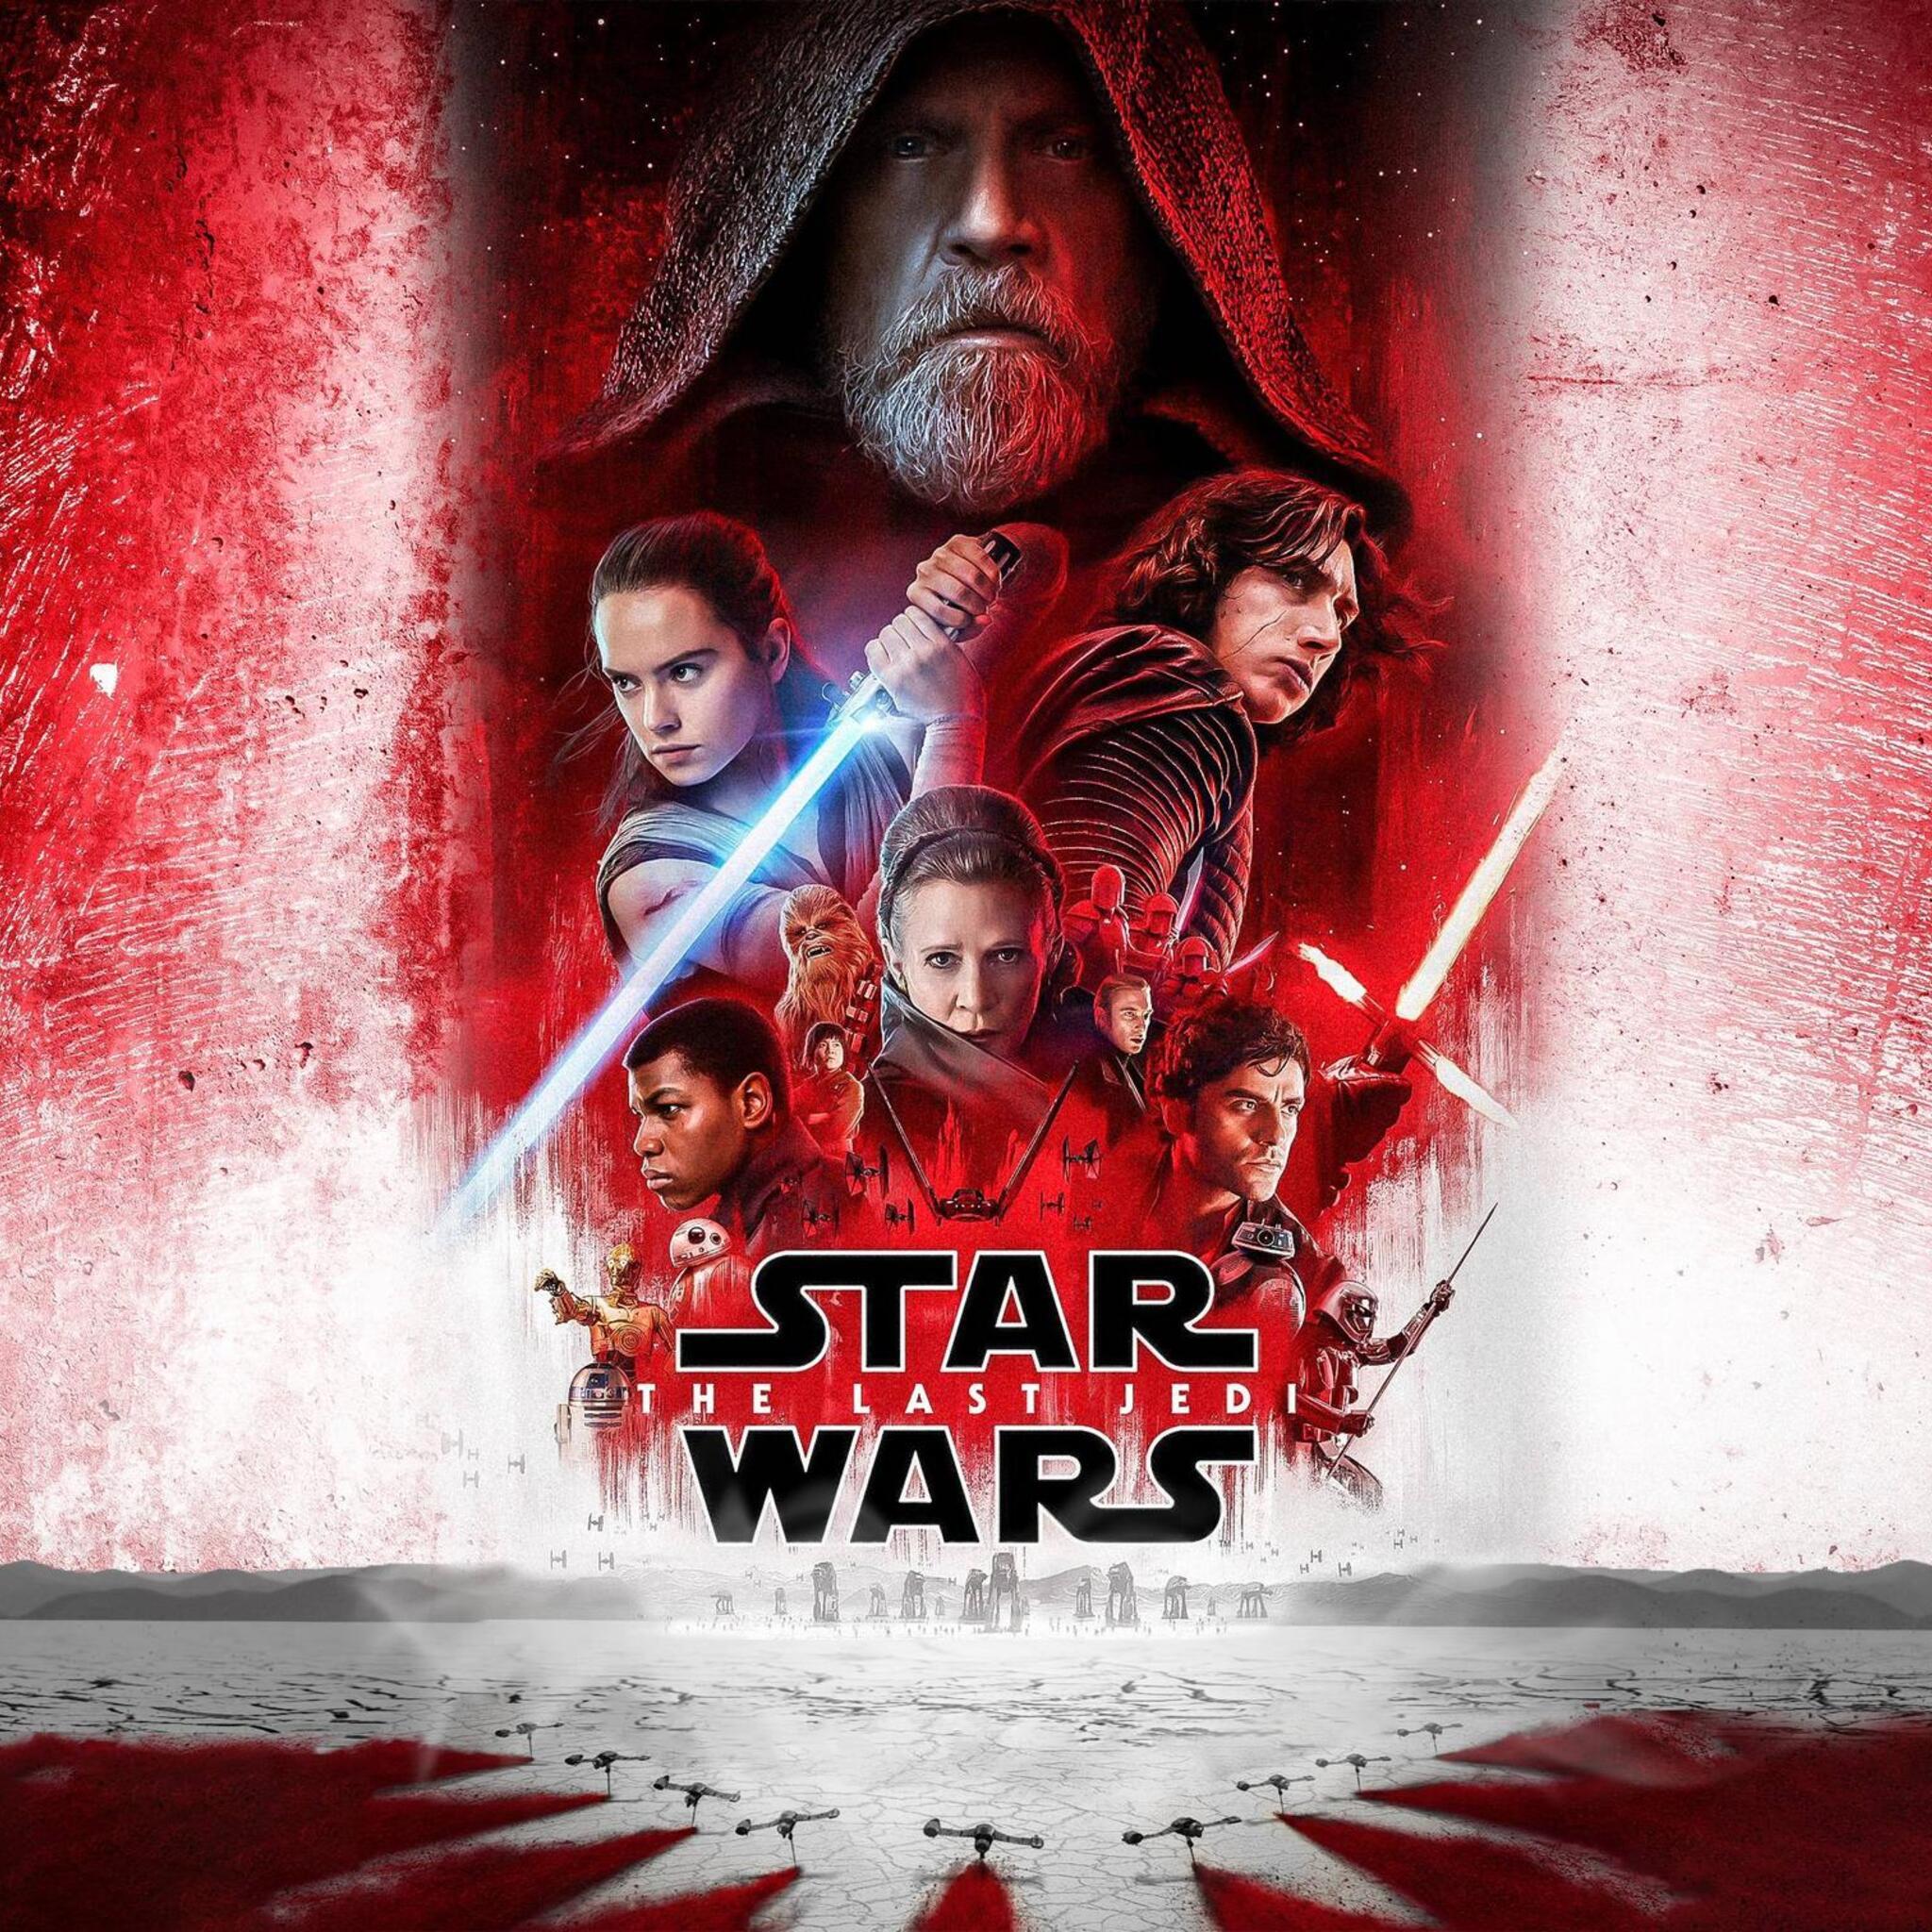 Jedi Wallpaper: 2048x2048 Star Wars The Last Jedi 2017 Ipad Air HD 4k